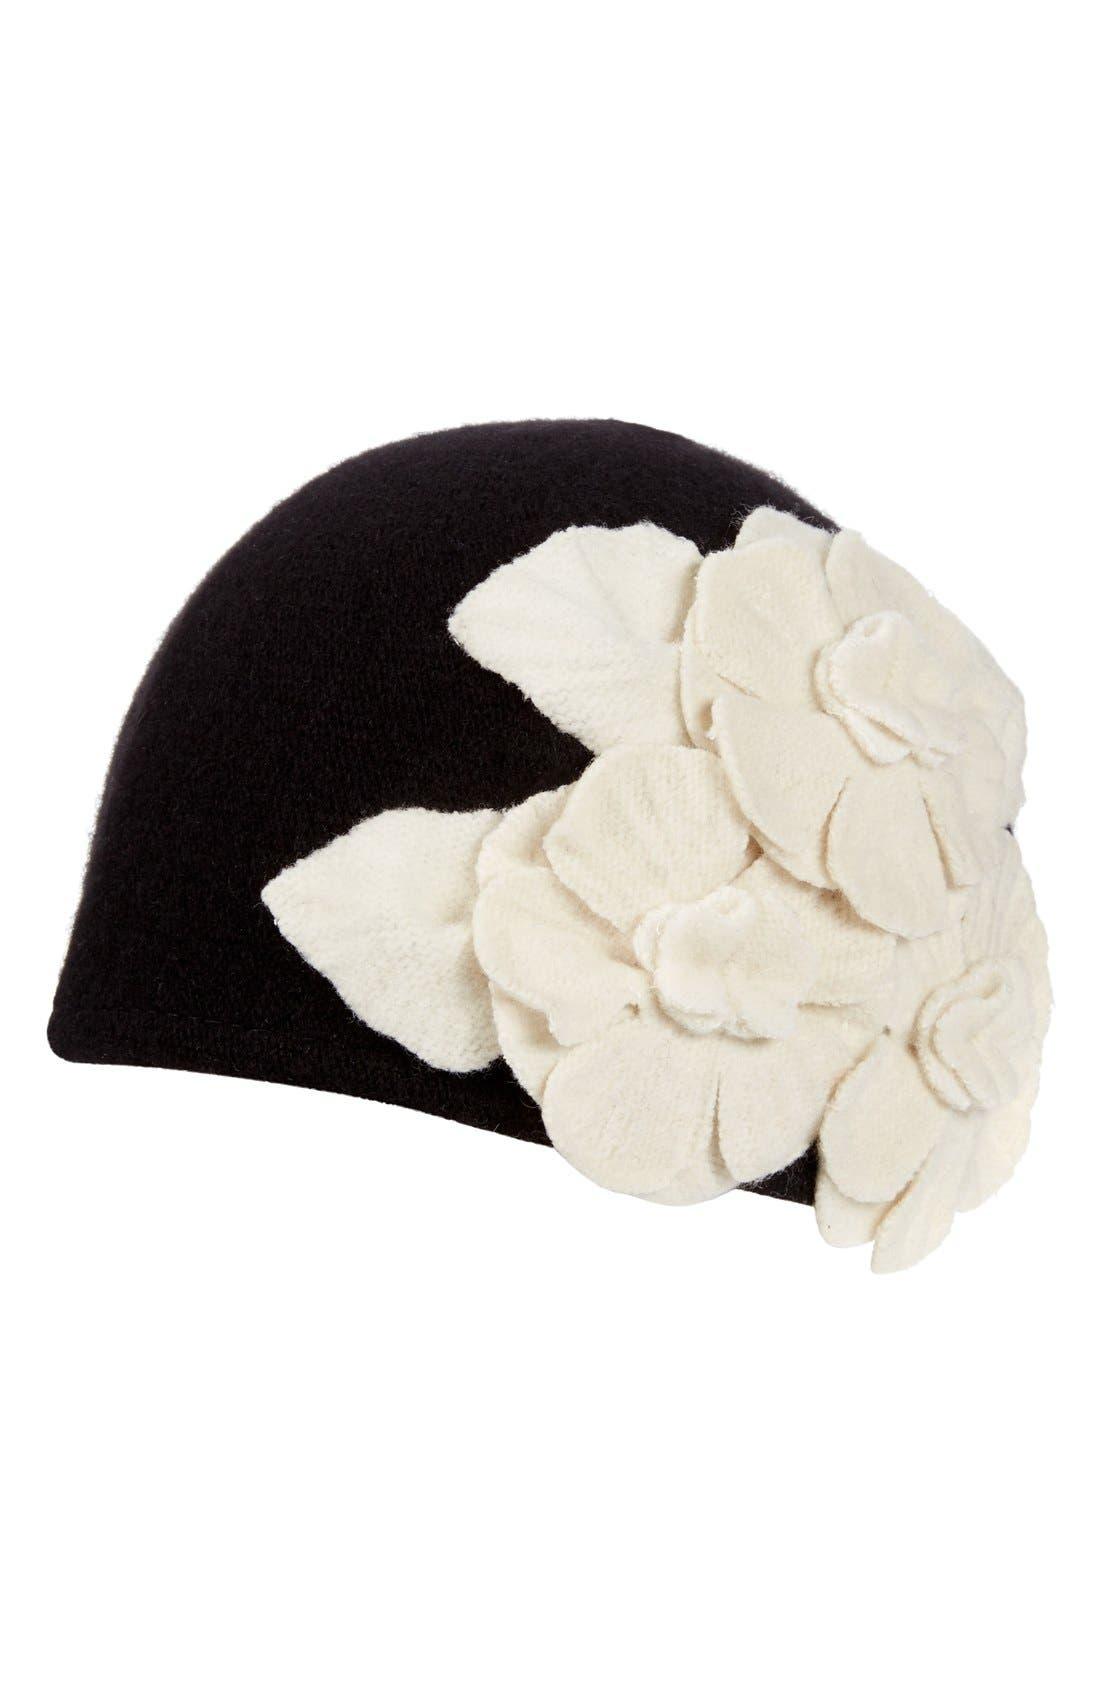 Helene BermanFloral Embellished Cap